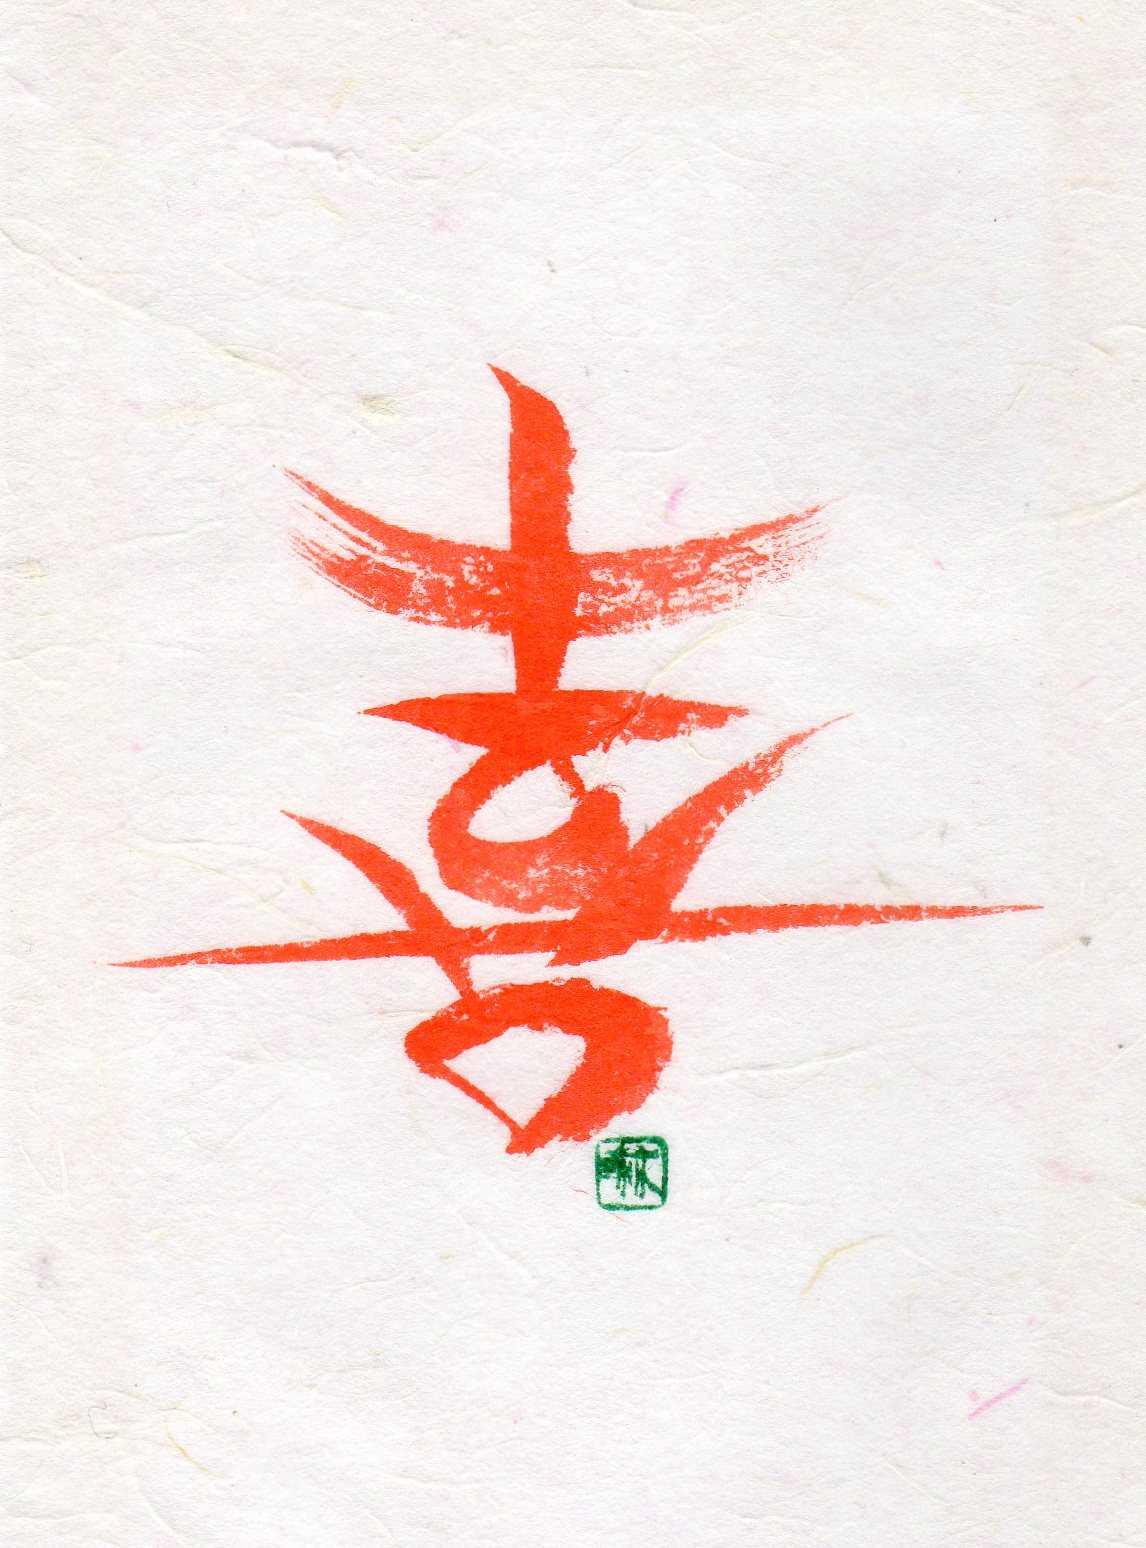 表す 漢字 と で 一文字